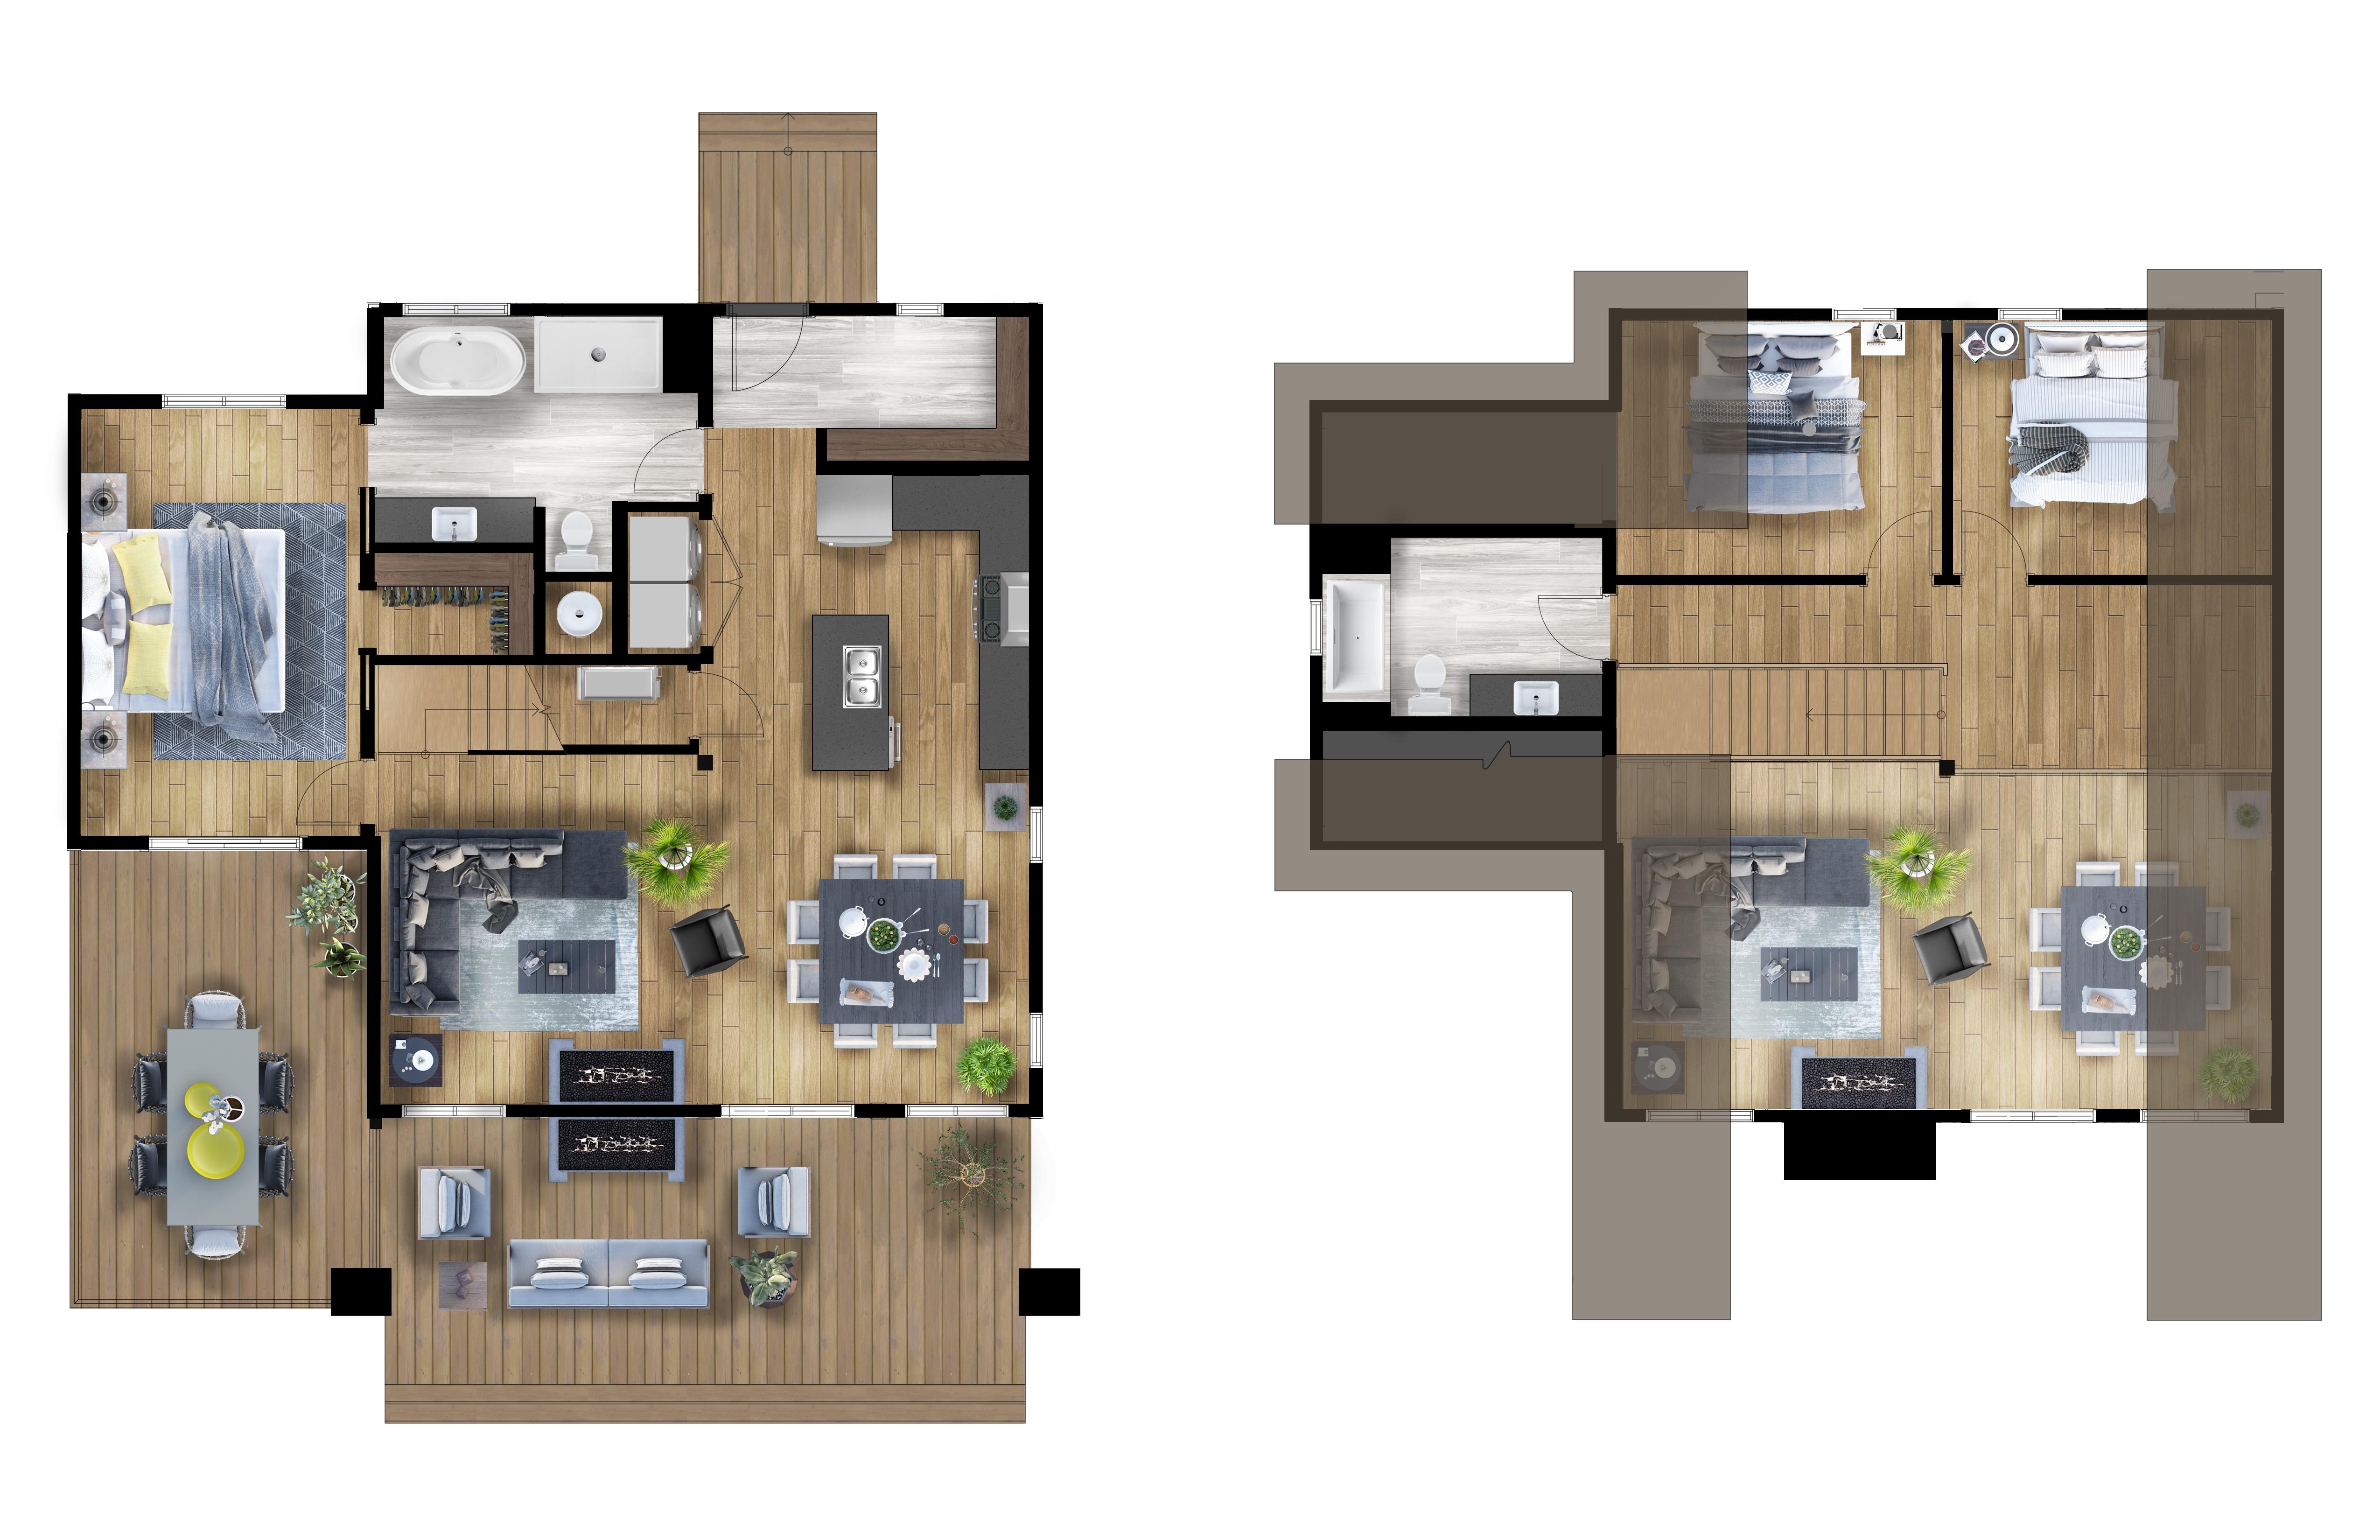 Timber Block Eastman Classic Home Floor Plan